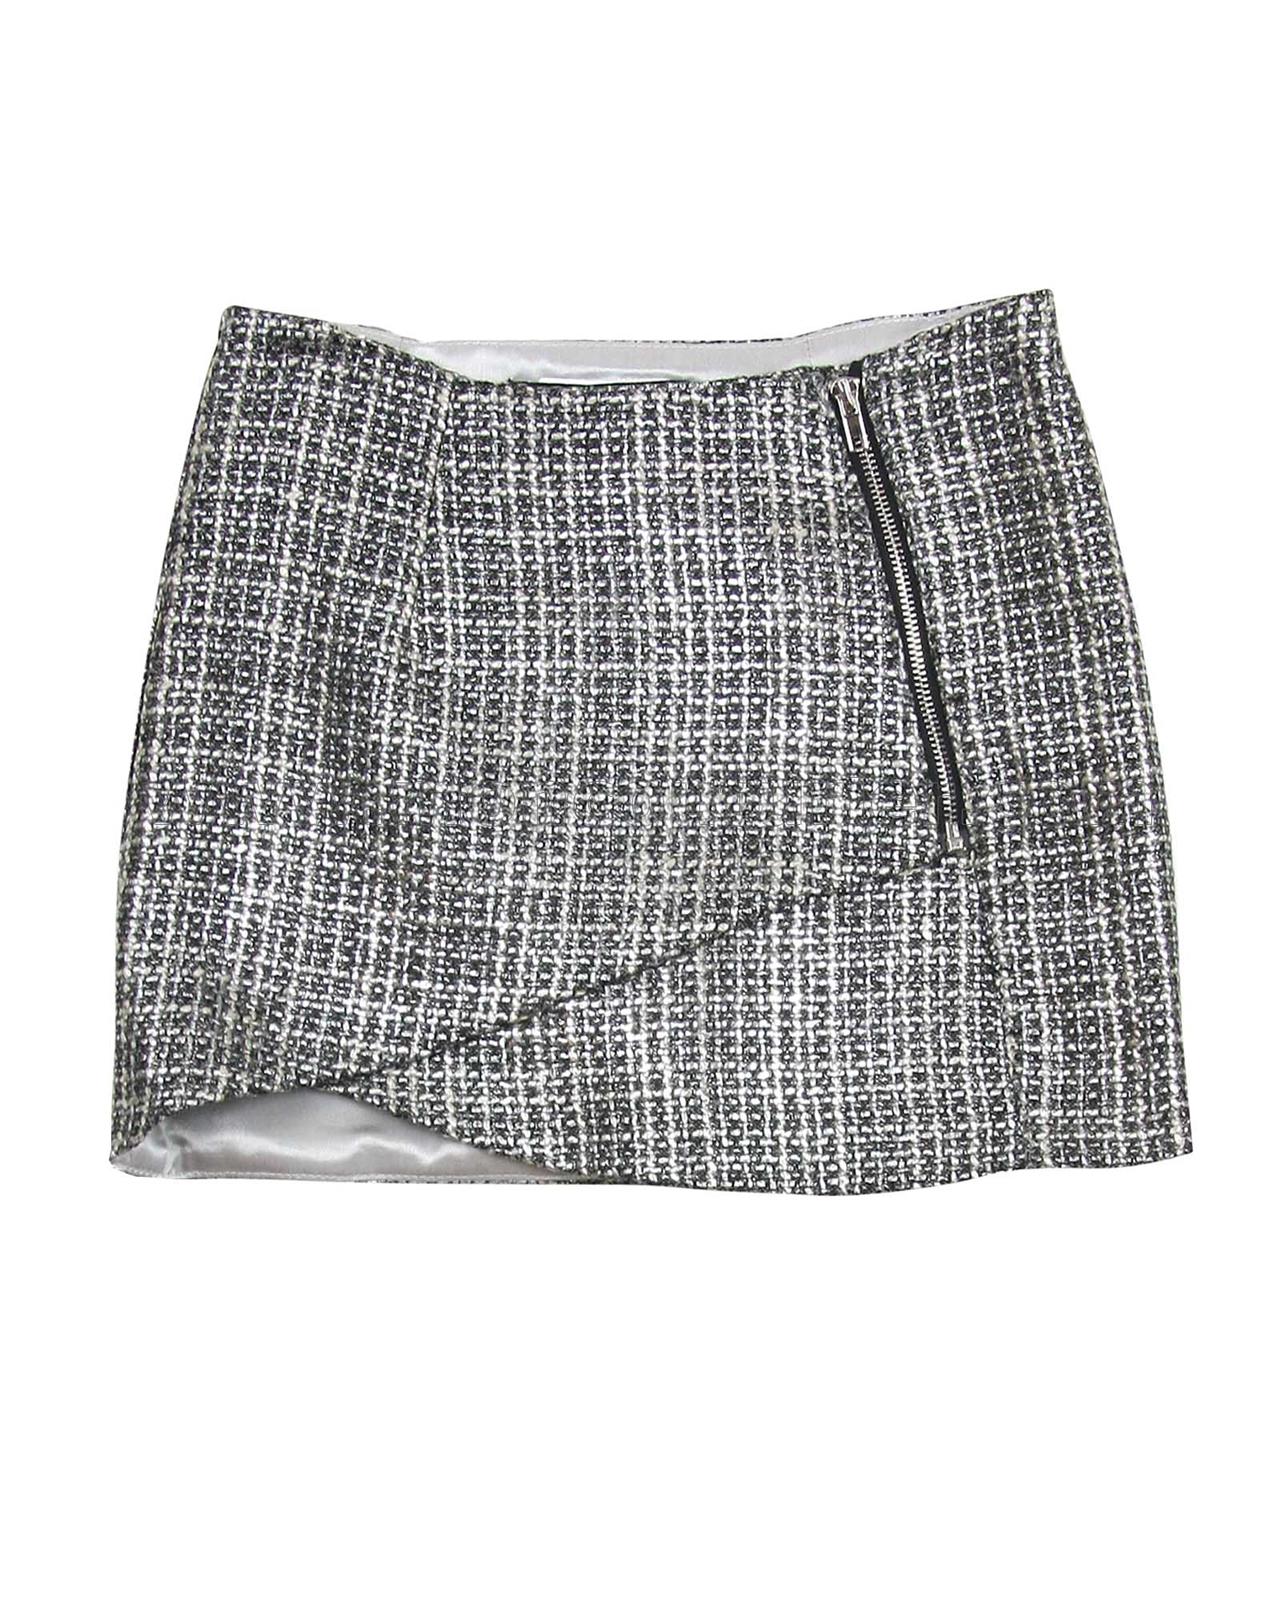 Biscotti Girls Urban Chic Boucle Skirt Sizes 7-16